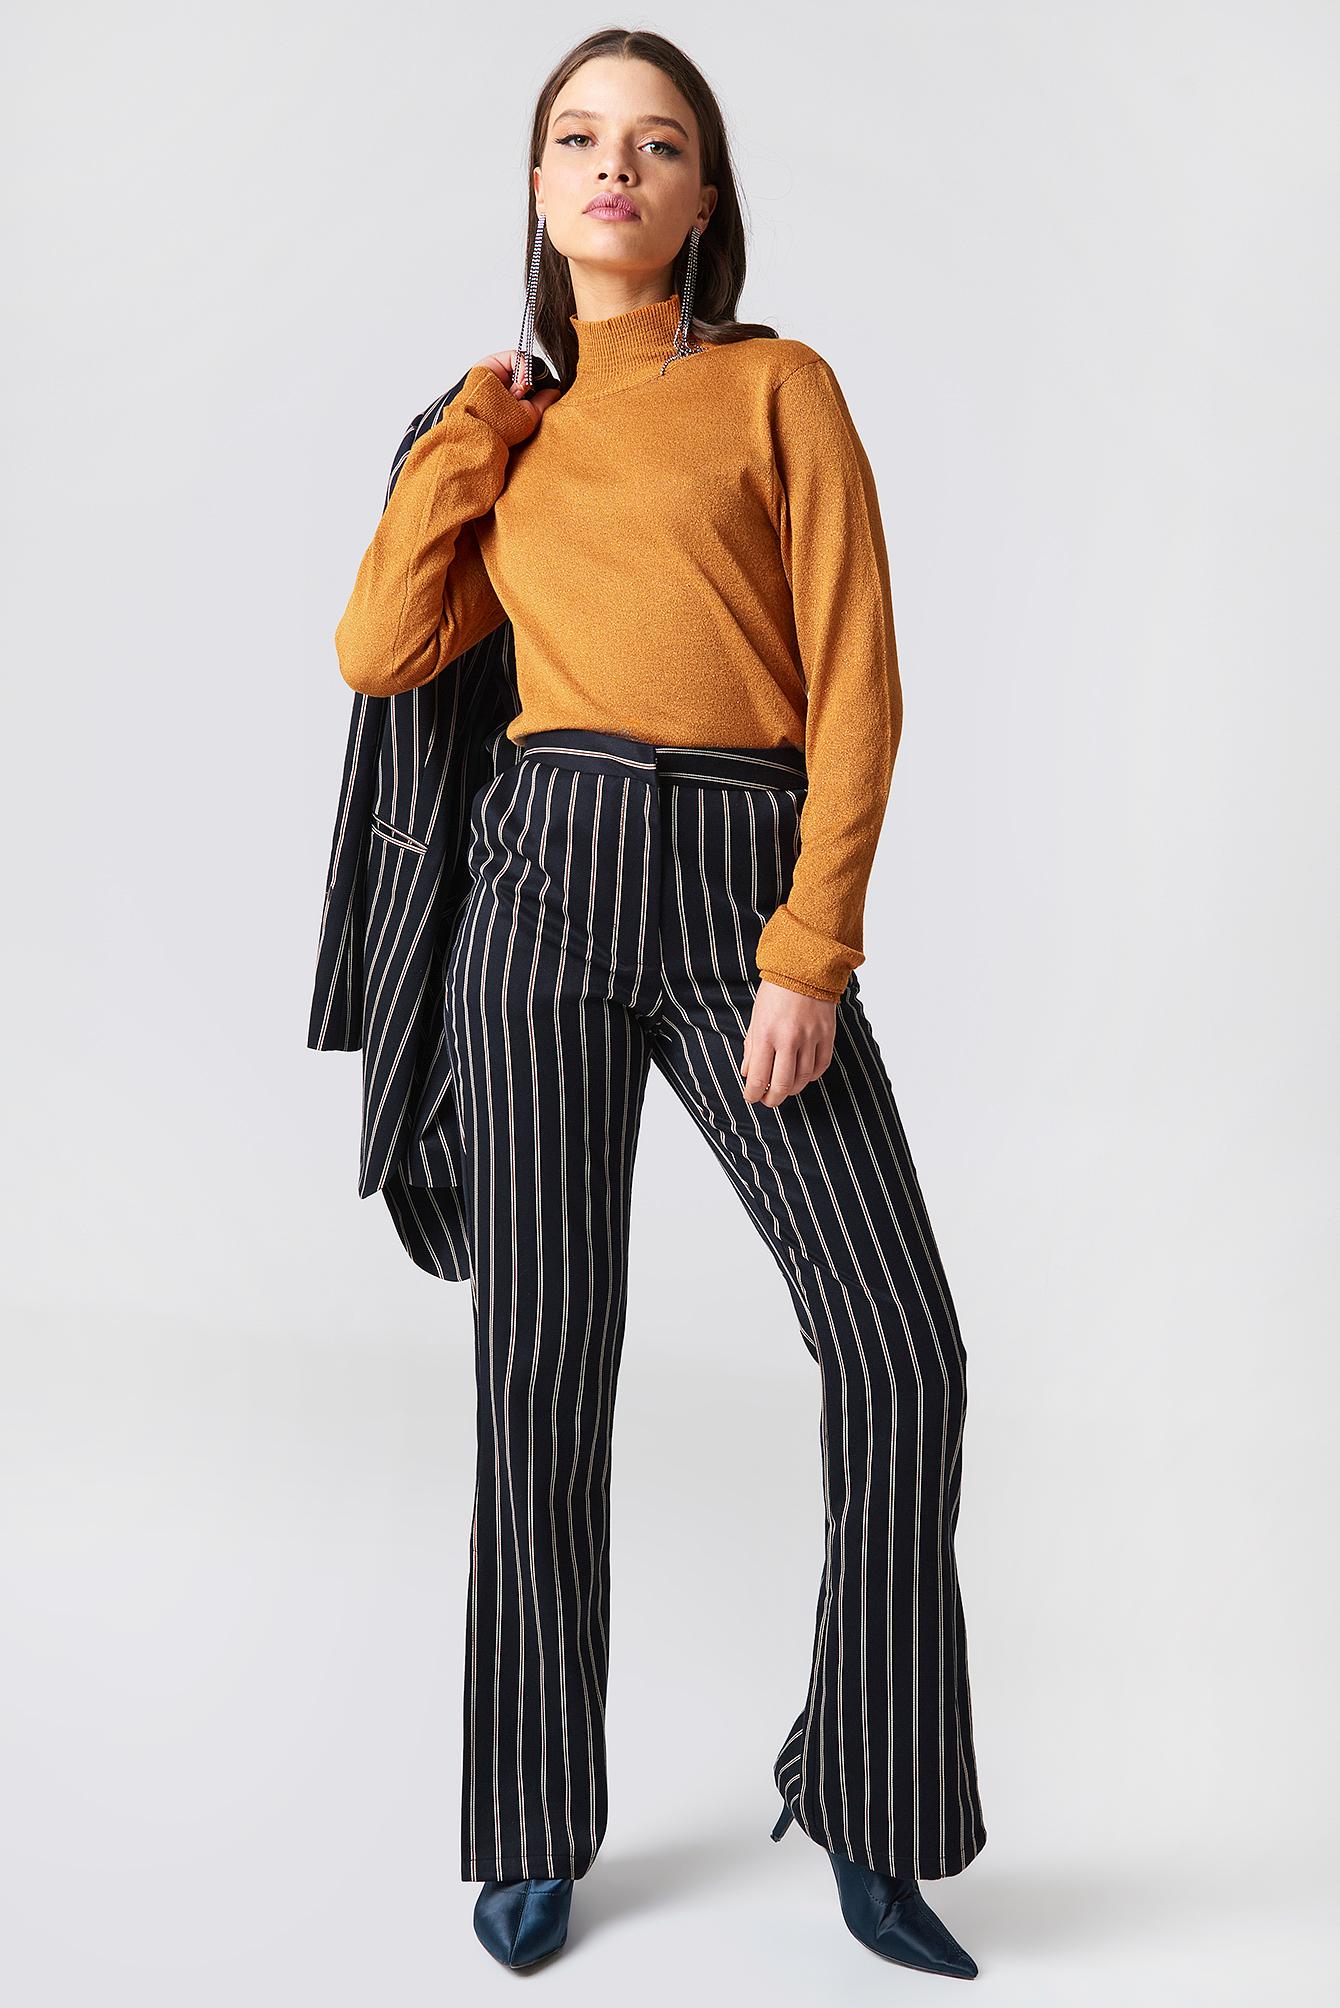 na-kd classic -  Side Slit Suit Pants - Blue,Multicolor